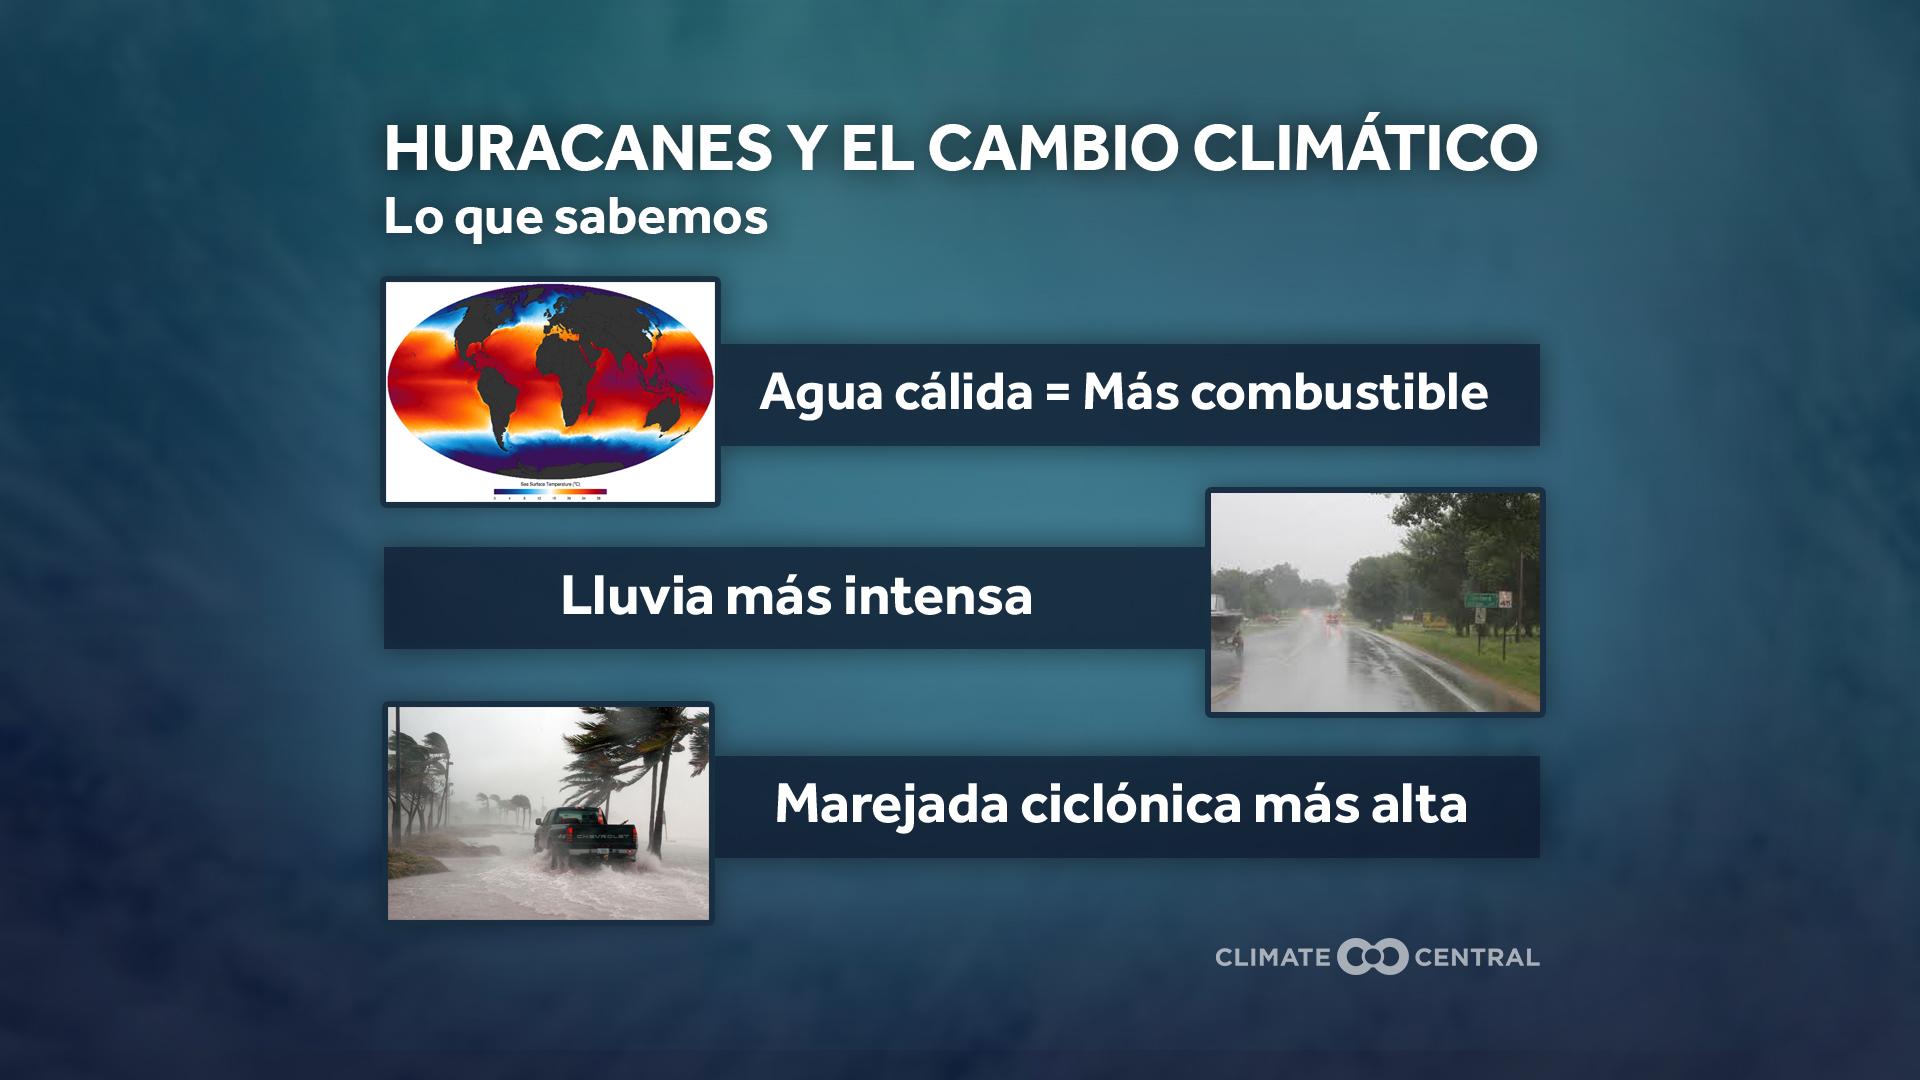 Huracanes y cambio climático: Lo que sabemos